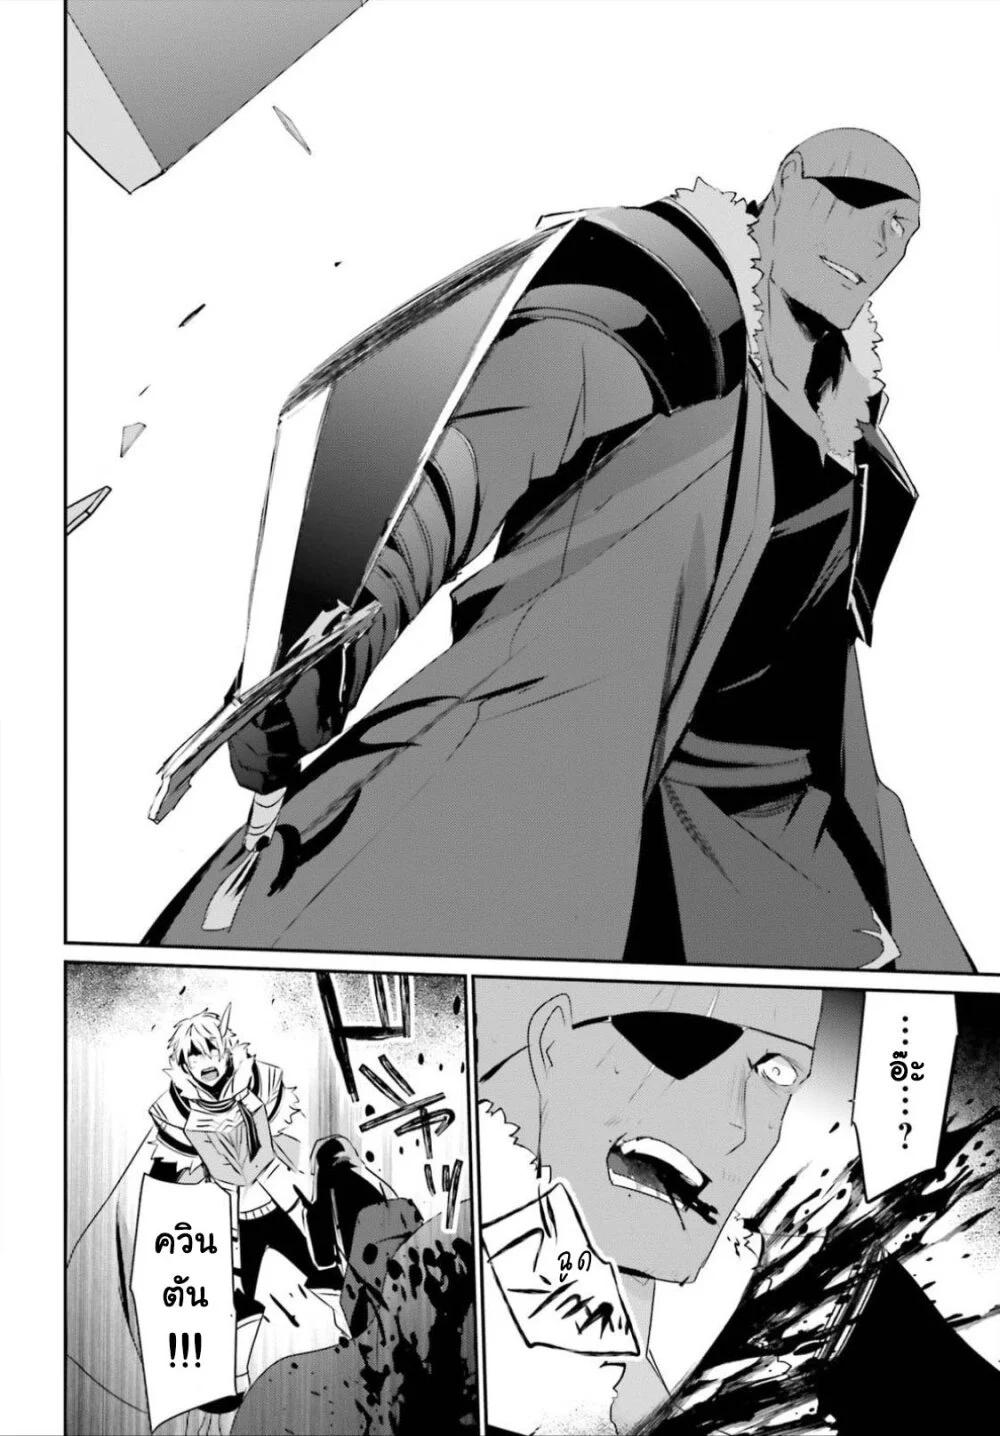 อ่านการ์ตูน Kage no Jitsuryokusha ni Naritakute! ตอนที่ 27 หน้าที่ 26